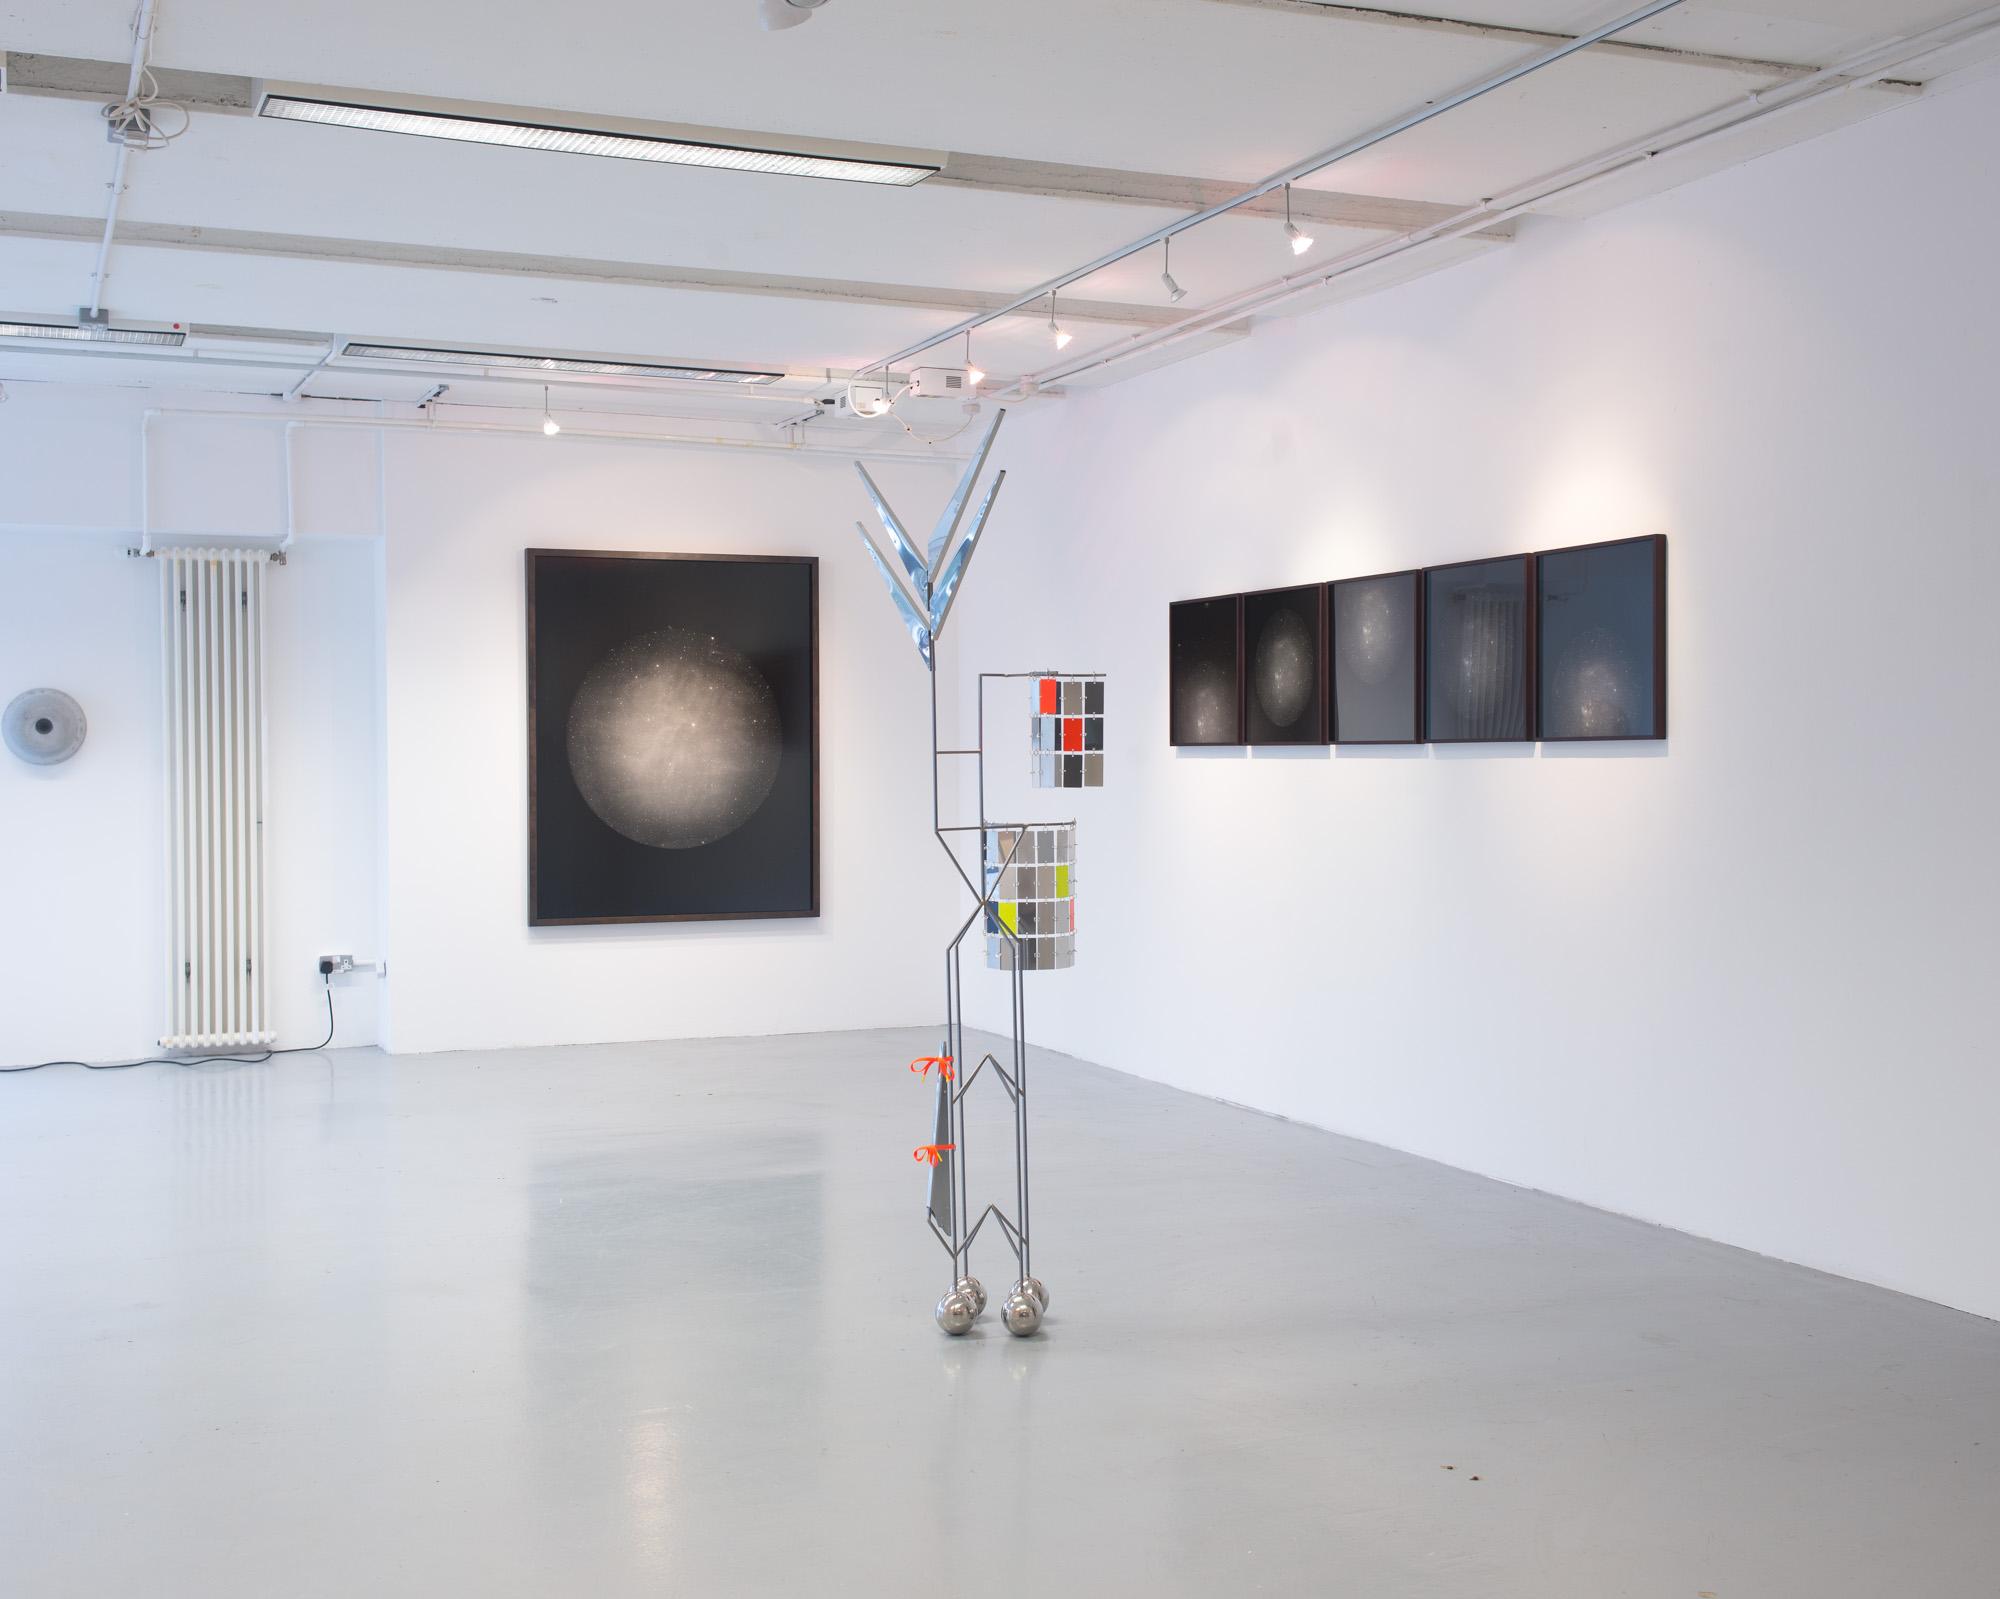 Kjetil Berge, Sophy Rickett, Systems House